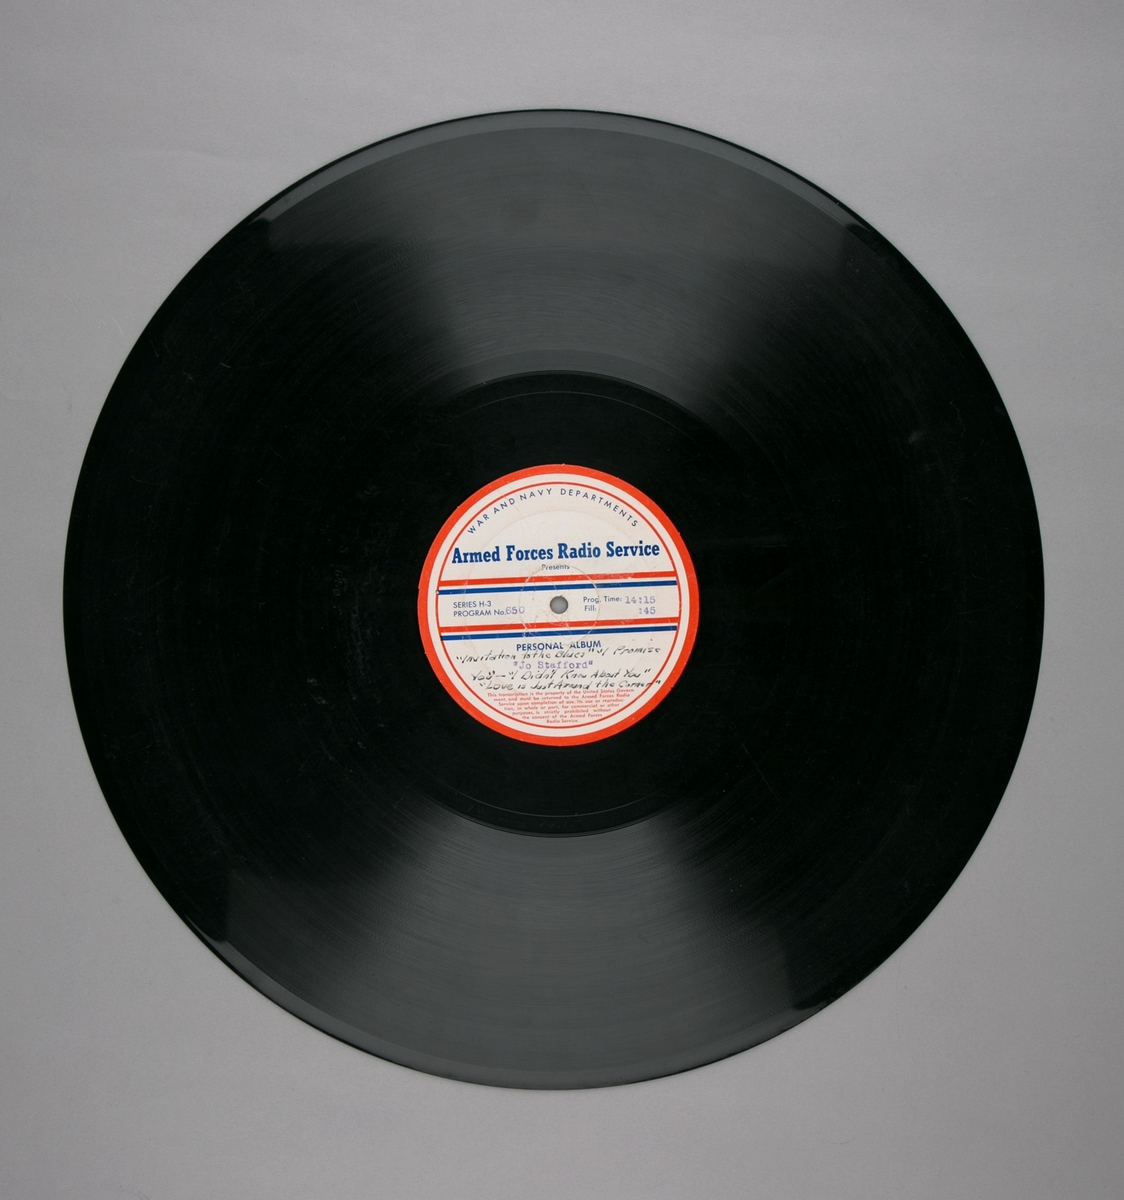 """Grammofonplatesamling. LP-plate med tittel """"Armed Forces Radio Service"""" utgitt av War and Navy Departements. Plate i svart vinyl spilles på platespiller med 33 1/3 omdreininger i minuttet (33-plate). I papiromslag."""